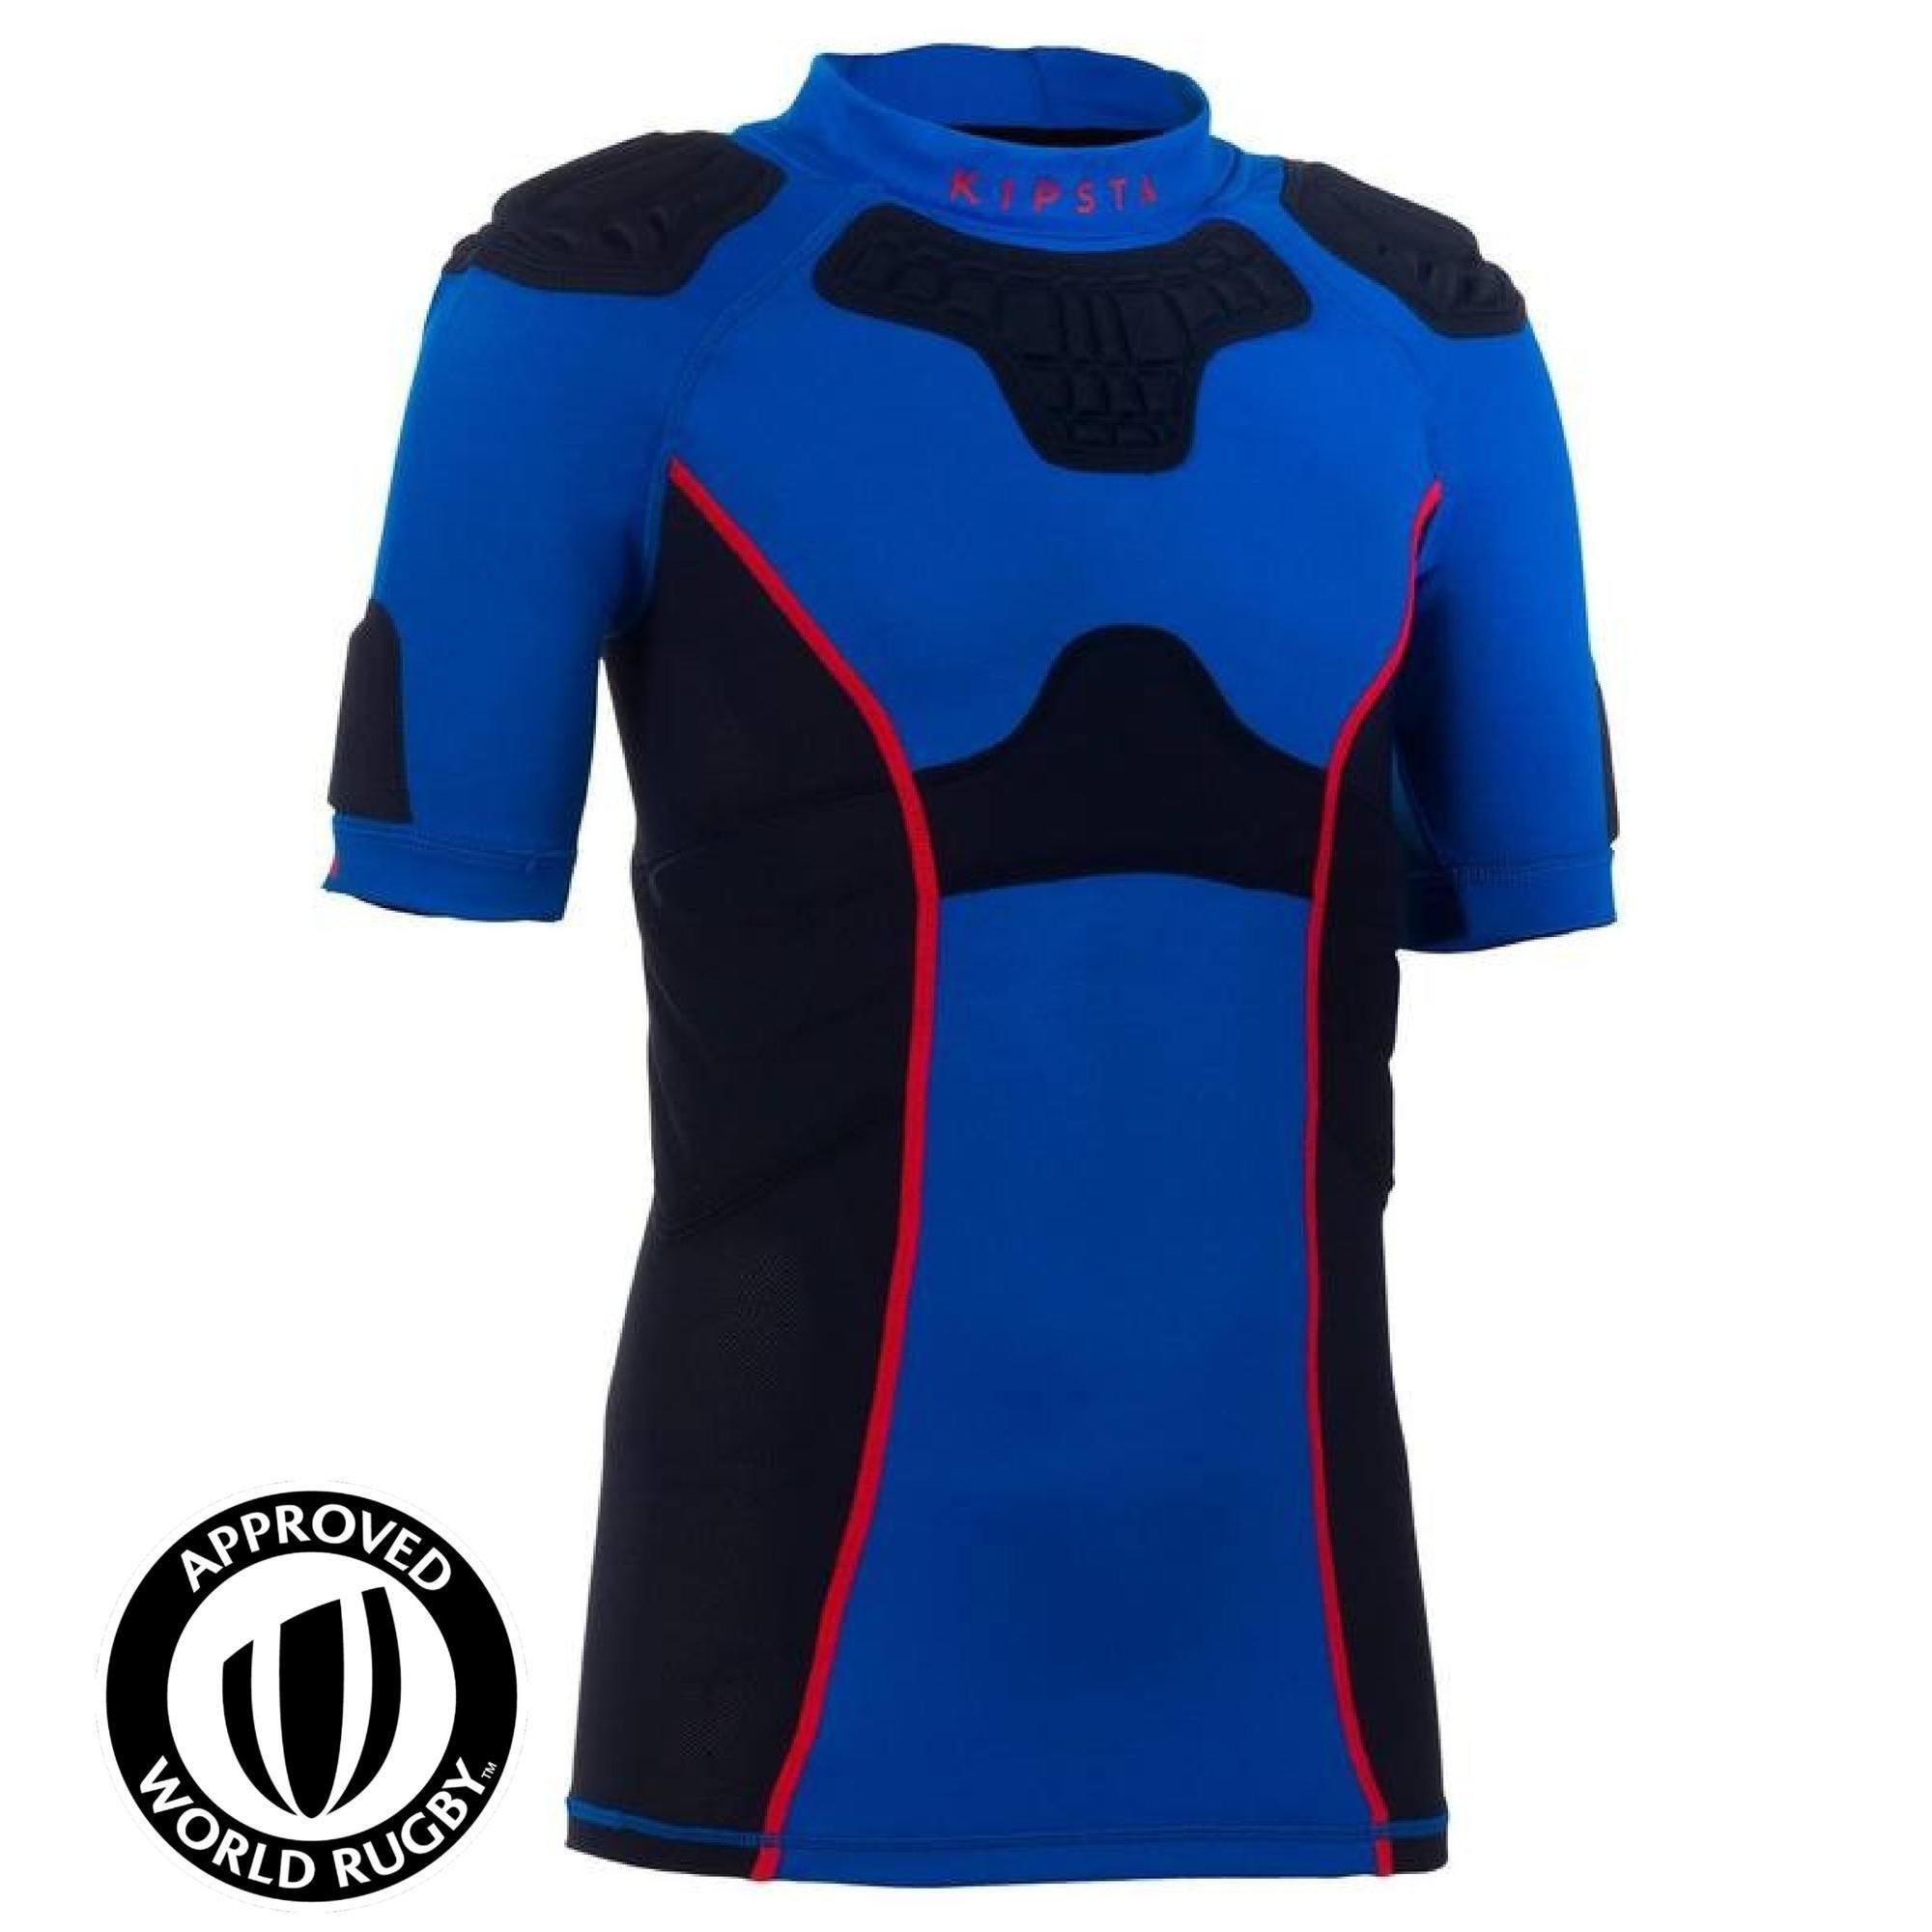 Offload Rugby shoulderpads Full H 500 blauw (kinderen)